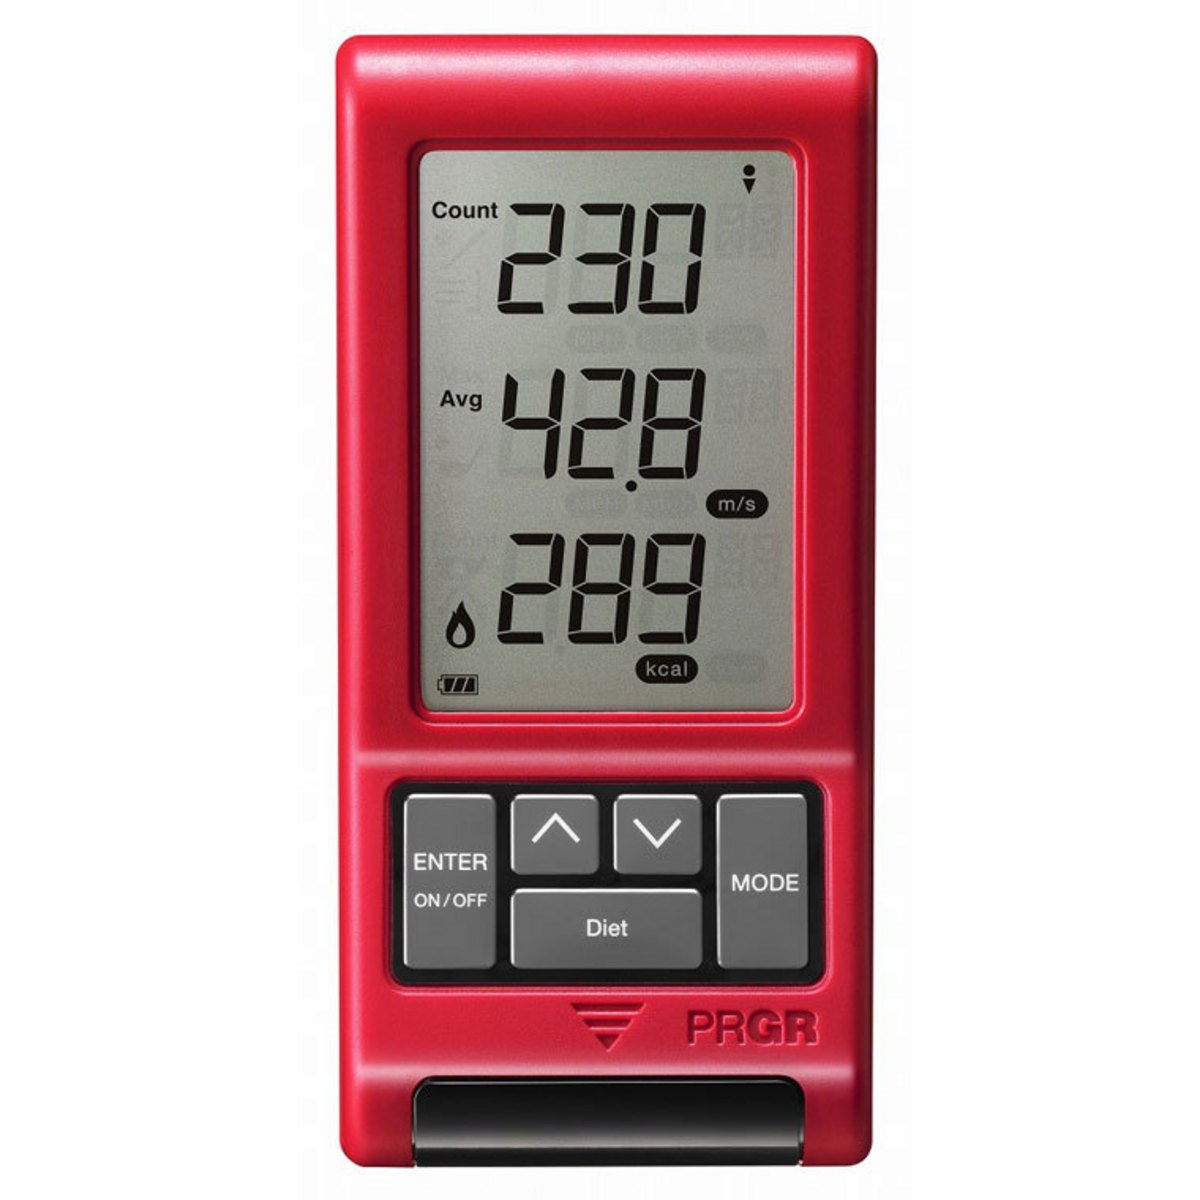 プロギア(PRGR) RED EYES POCKET HS-110 ヘッド・ボールスピード・距離測定器